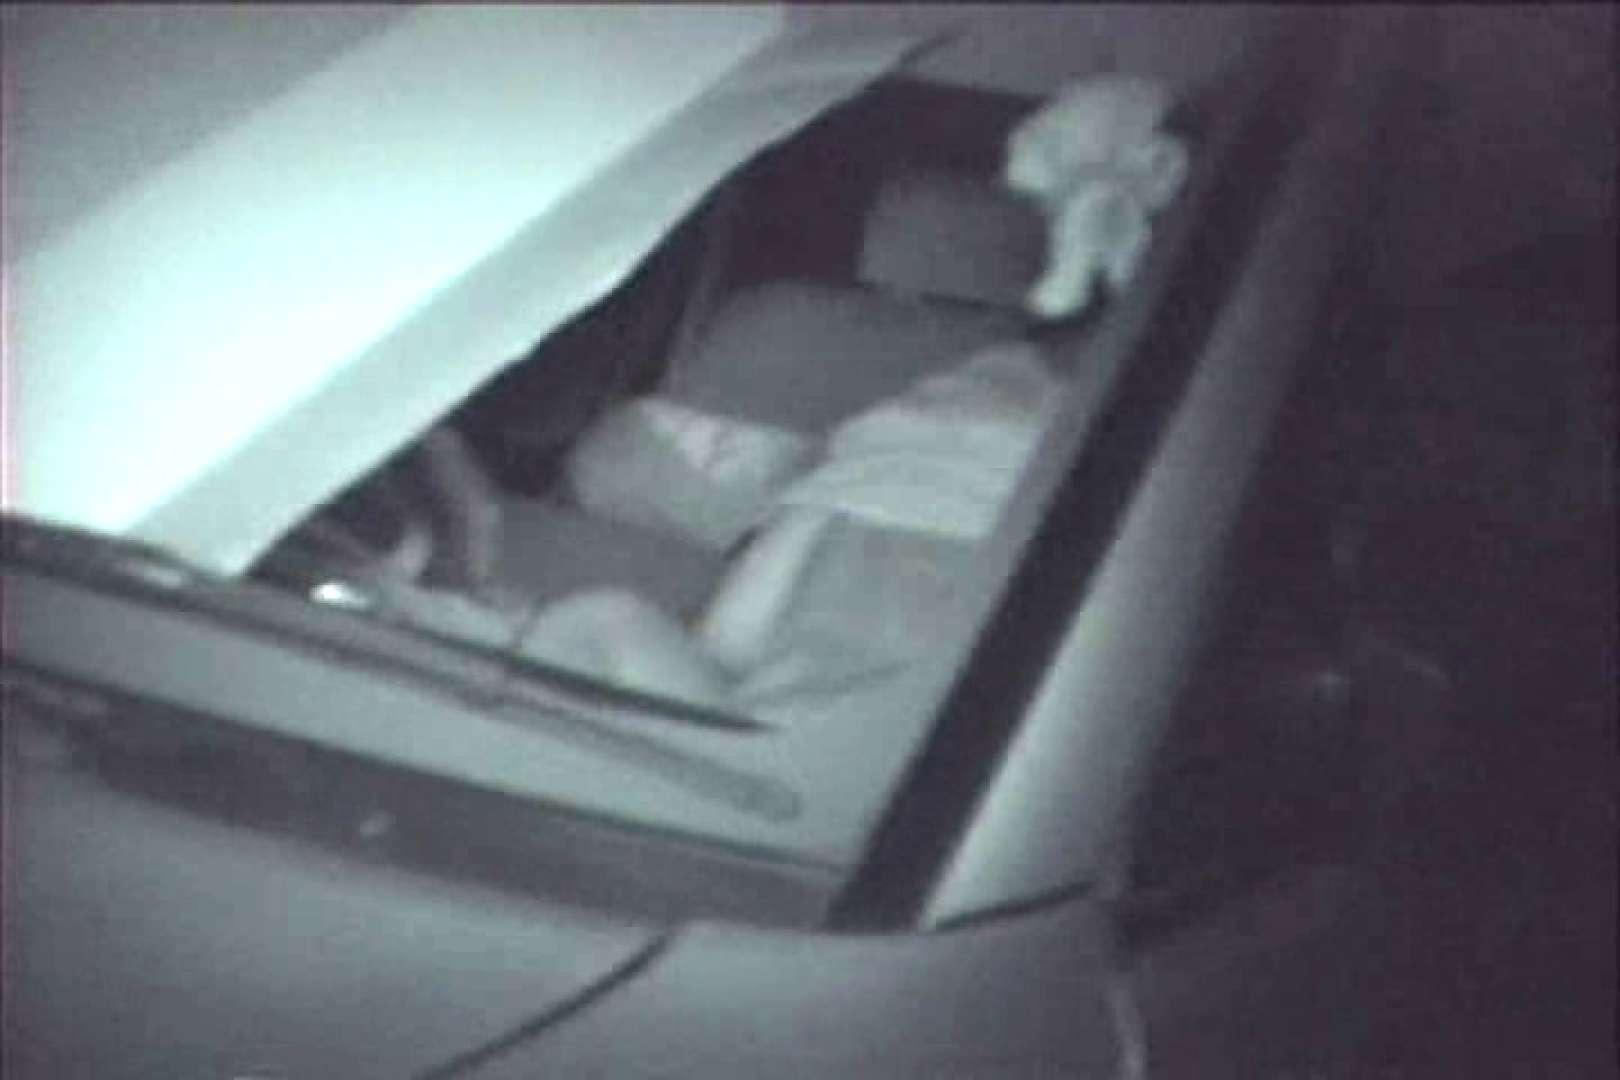 車の中はラブホテル 無修正版  Vol.18 感じるセックス オマンコ無修正動画無料 80連発 65